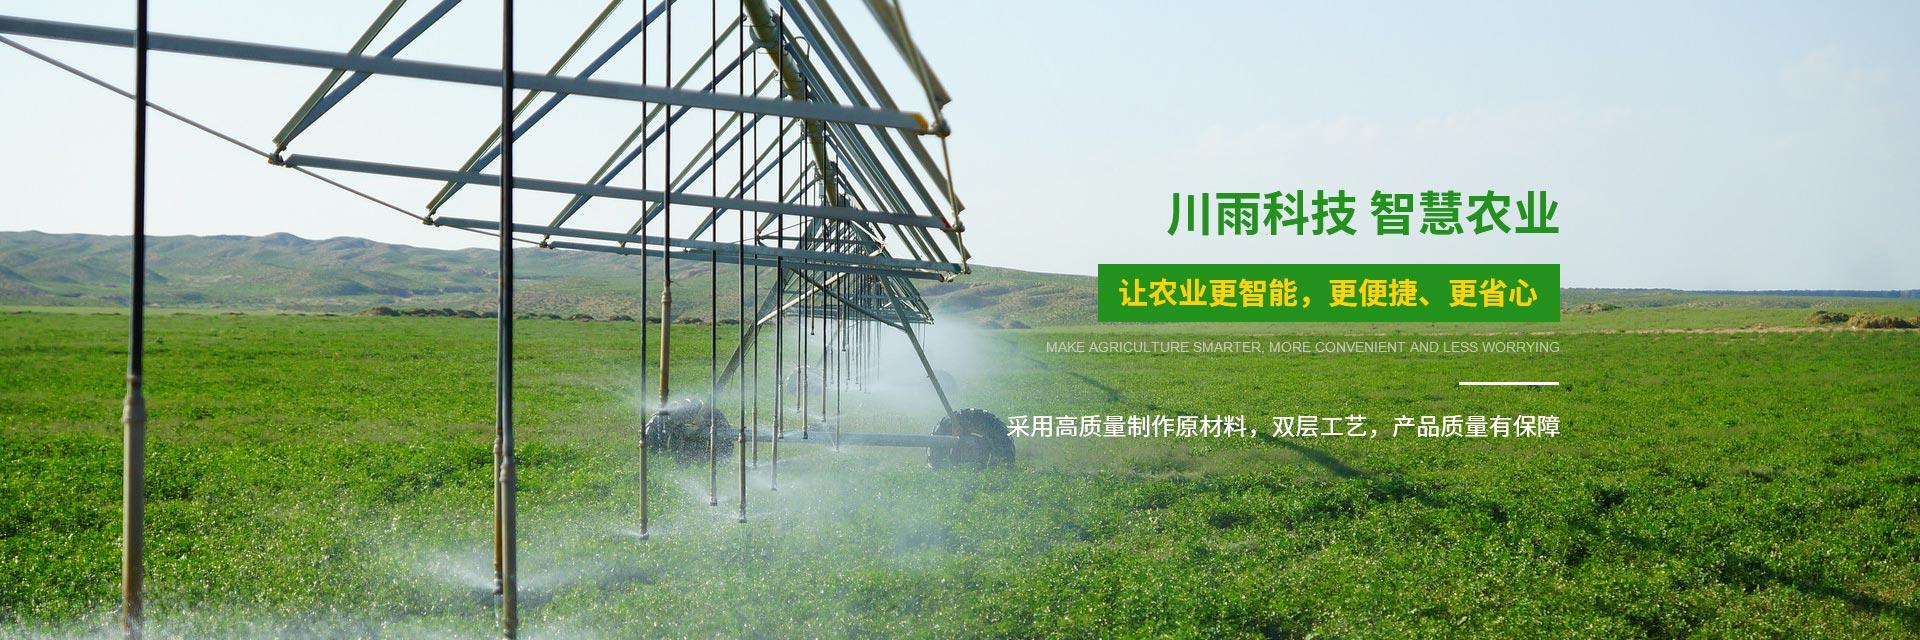 银川节水灌溉